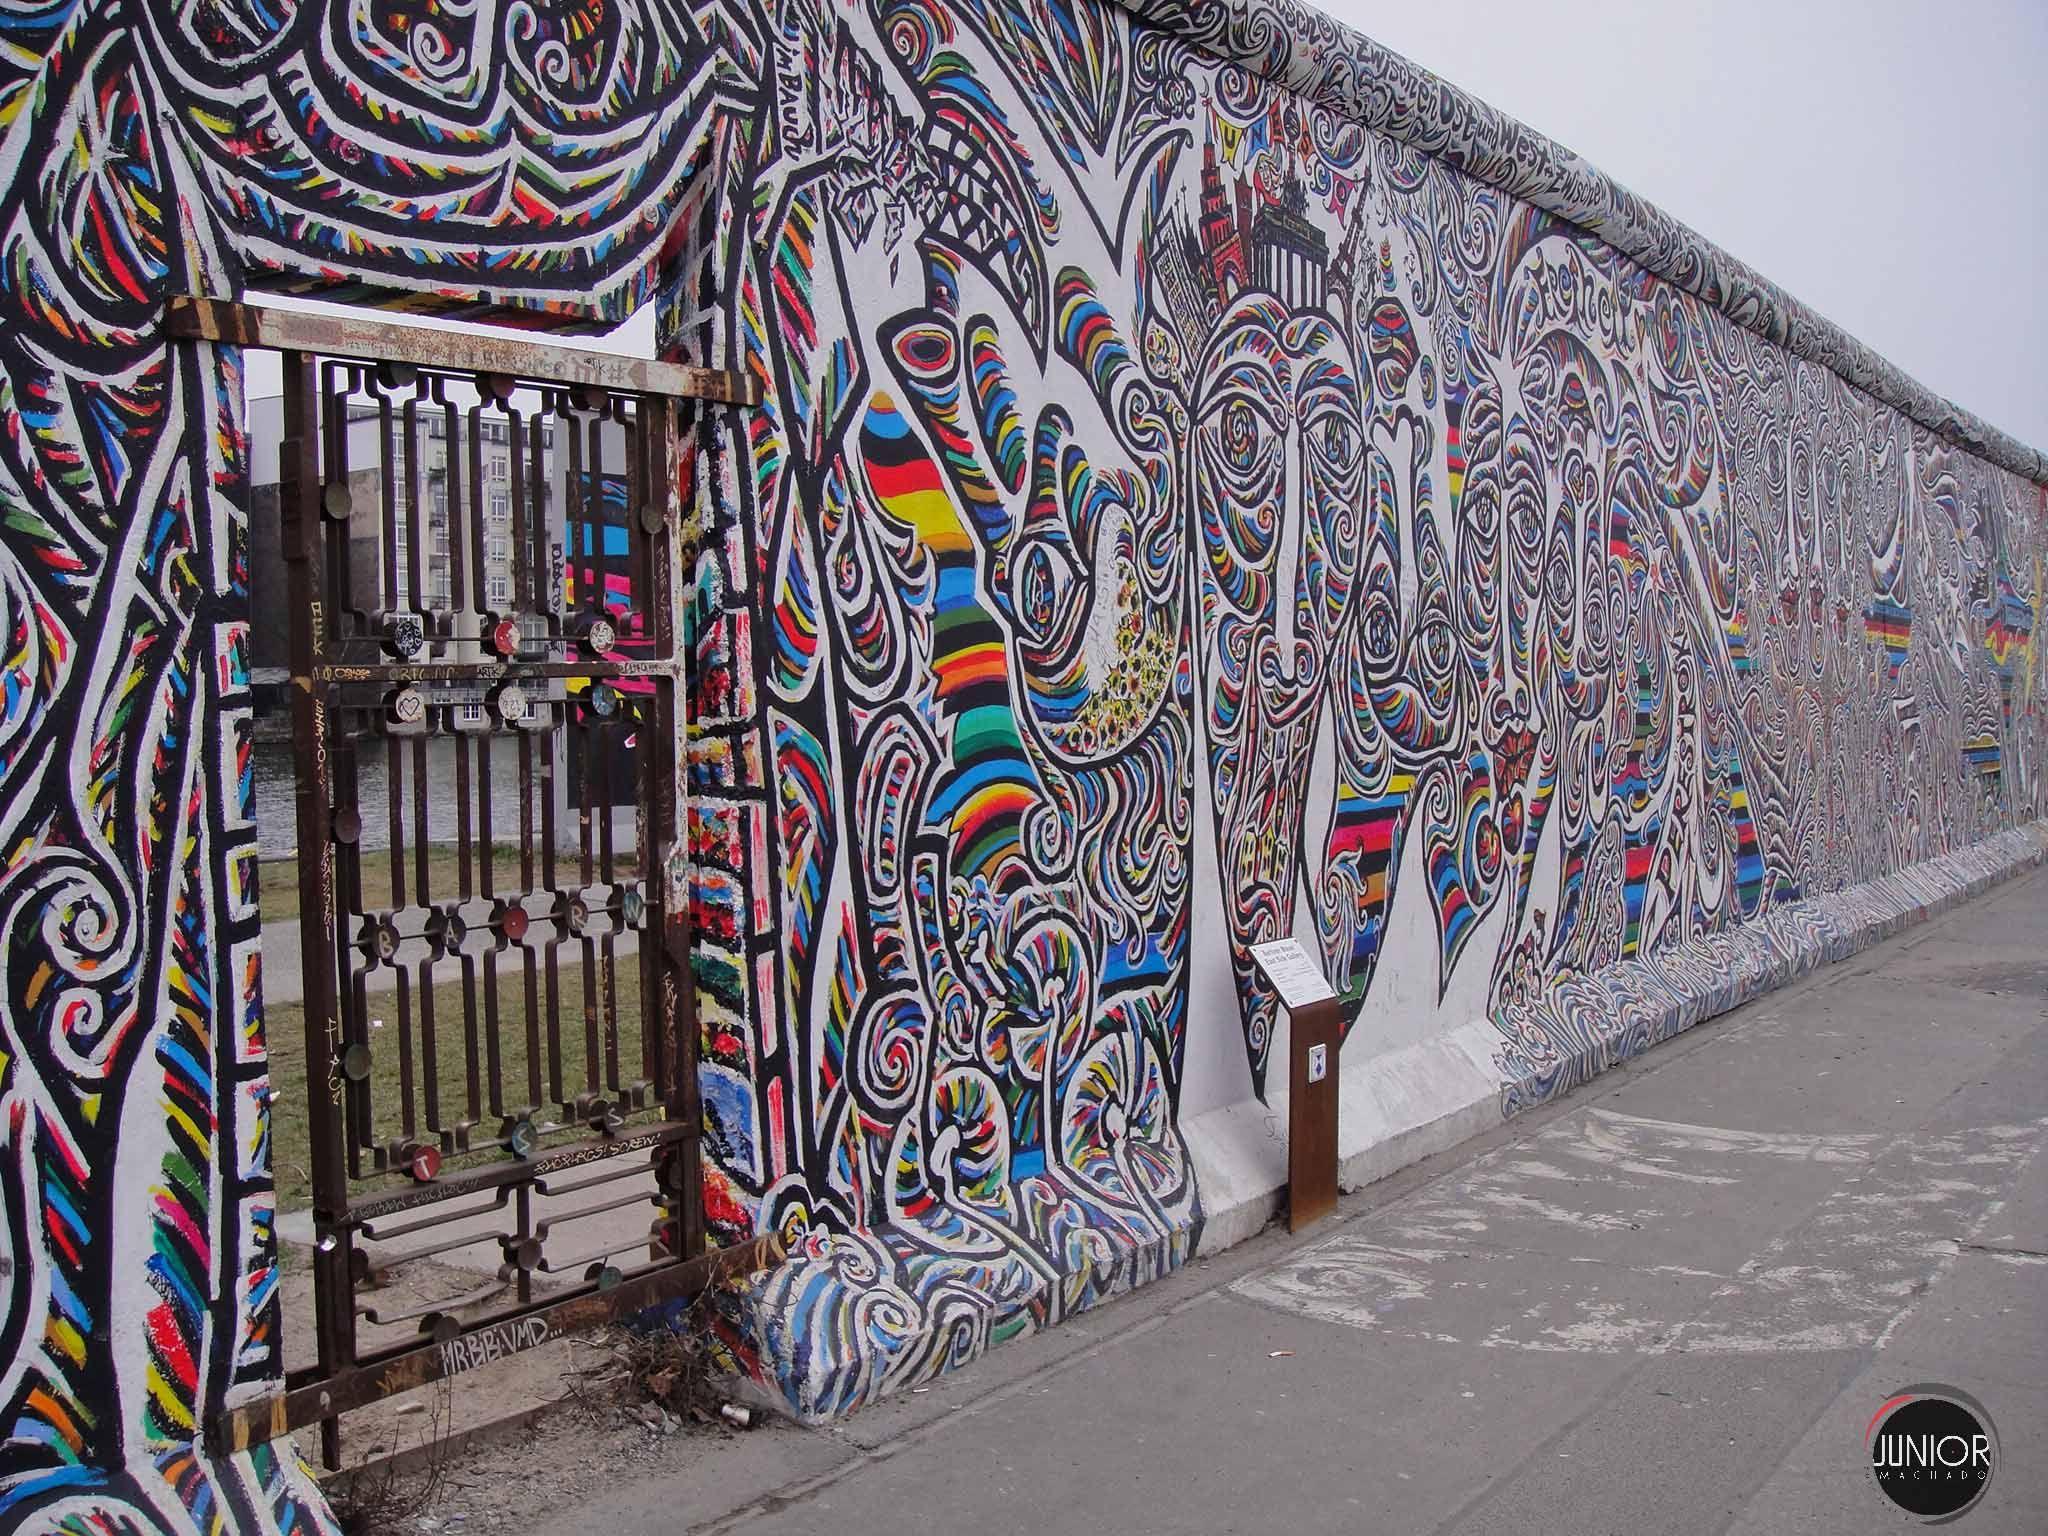 Gedenkstatte Berliner Mauer Berlin Wall Memorial Berlin Photography Berlin Wall East Side Gallery